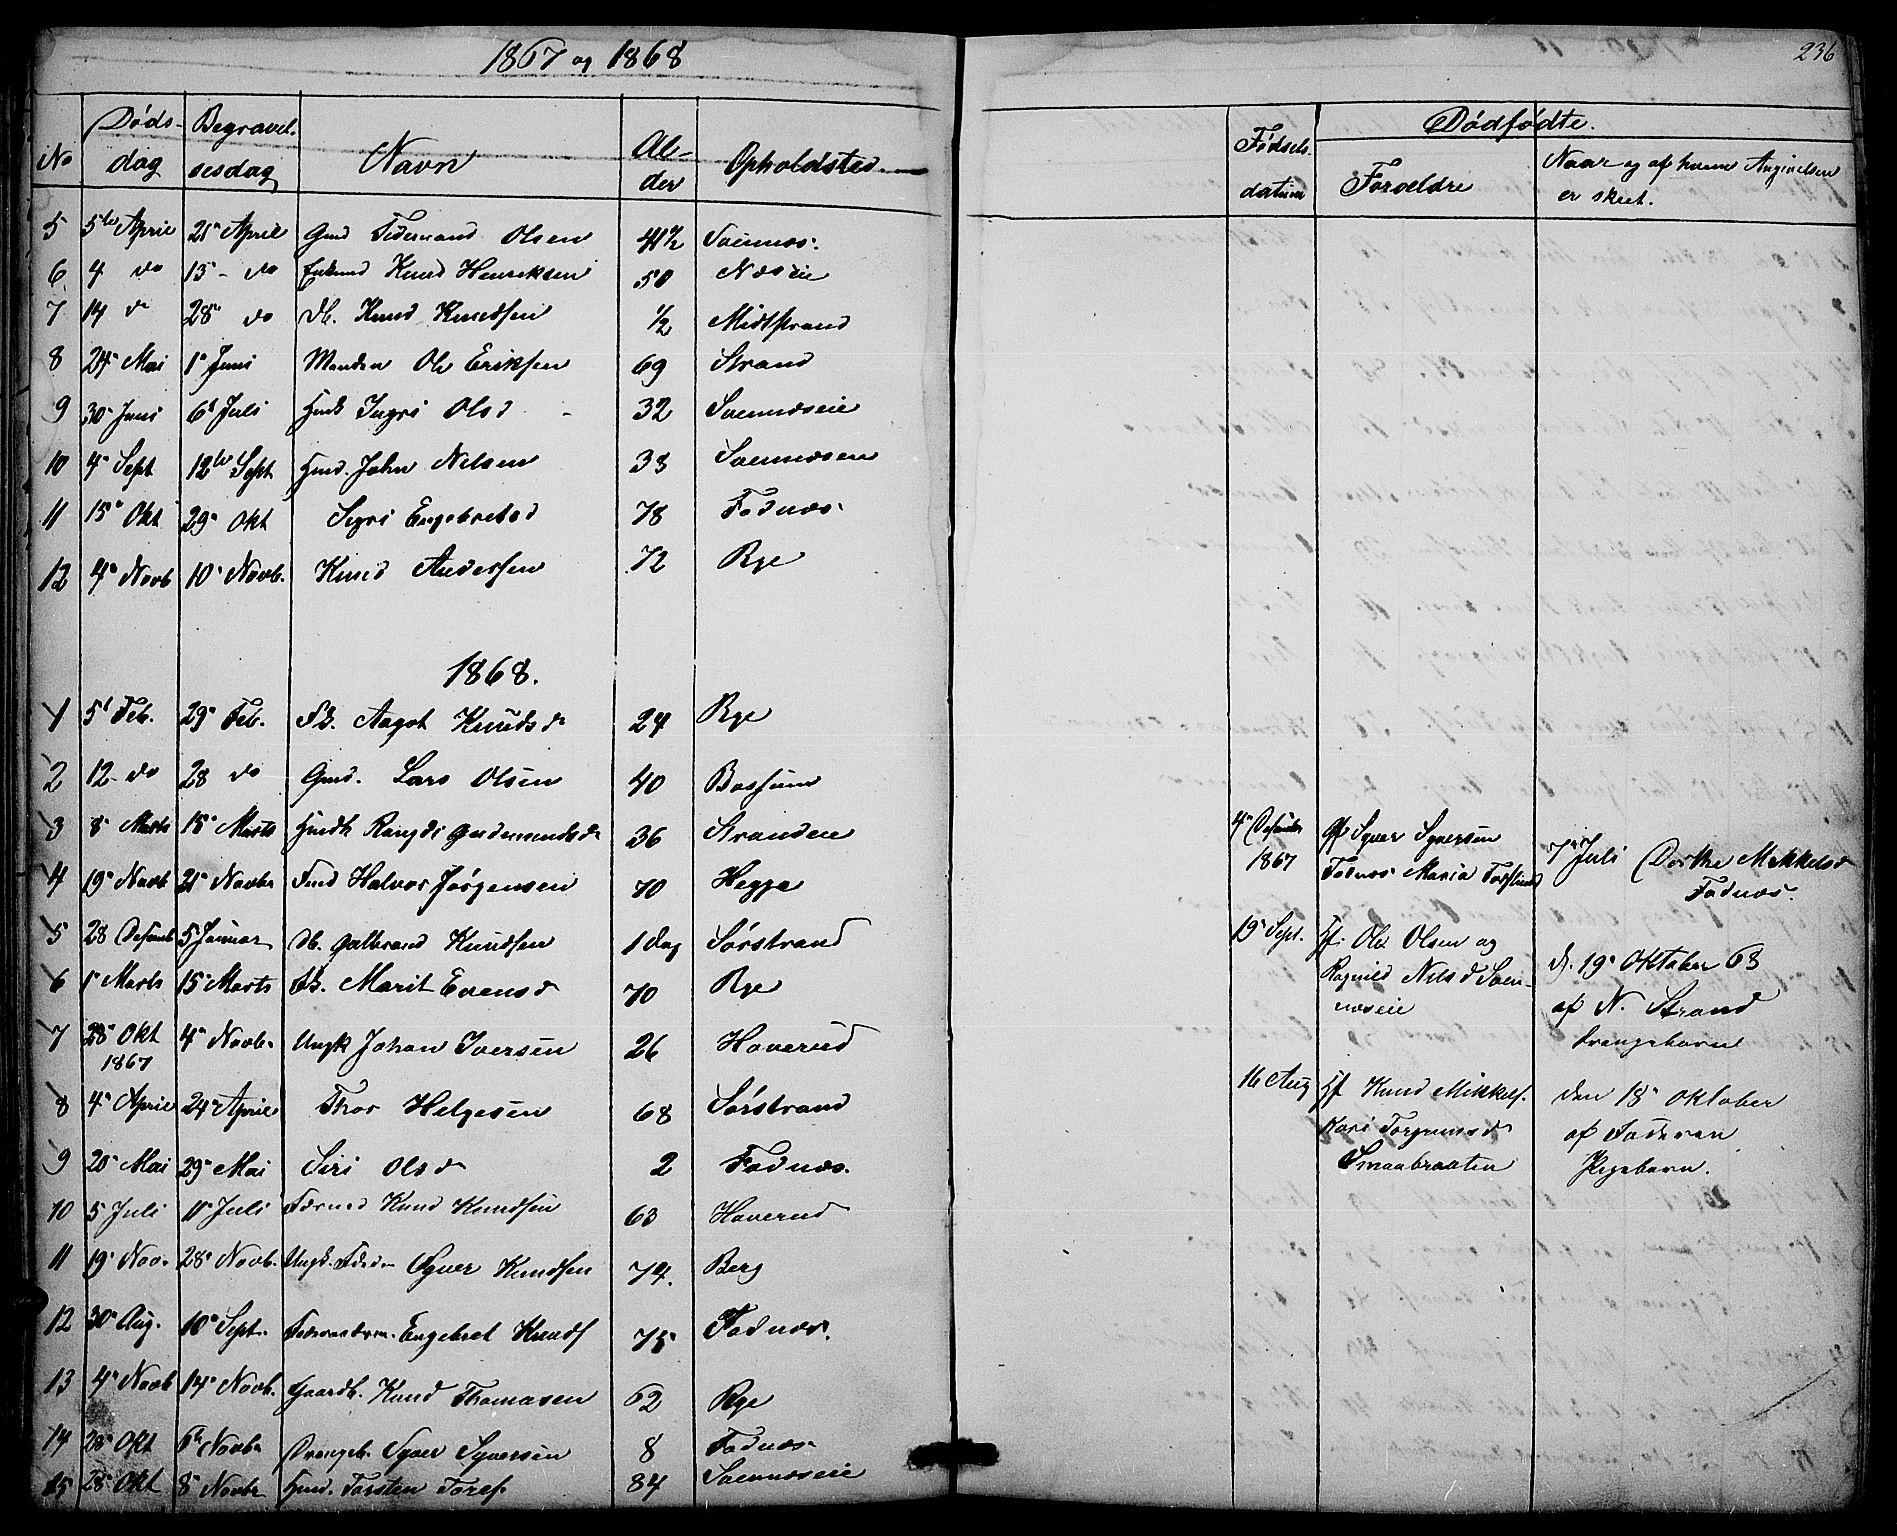 SAH, Nord-Aurdal prestekontor, Klokkerbok nr. 3, 1842-1882, s. 236